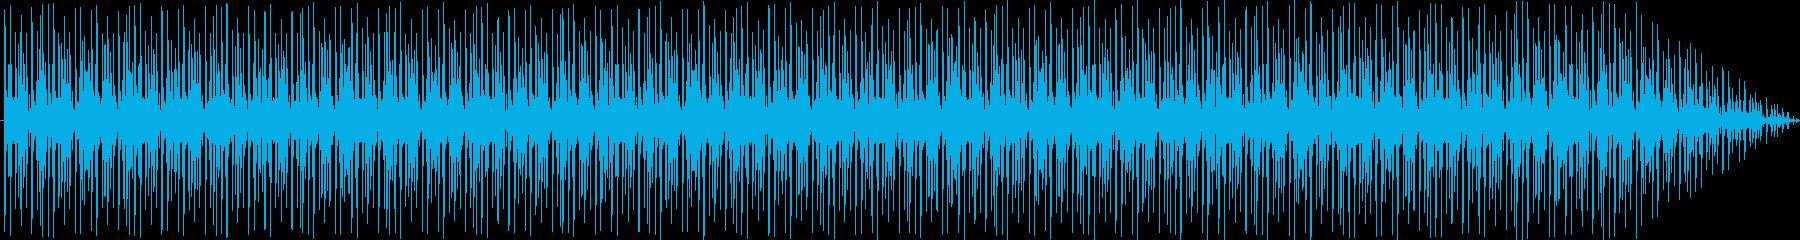 ループ。奇妙なメロディと繰り返しの...の再生済みの波形